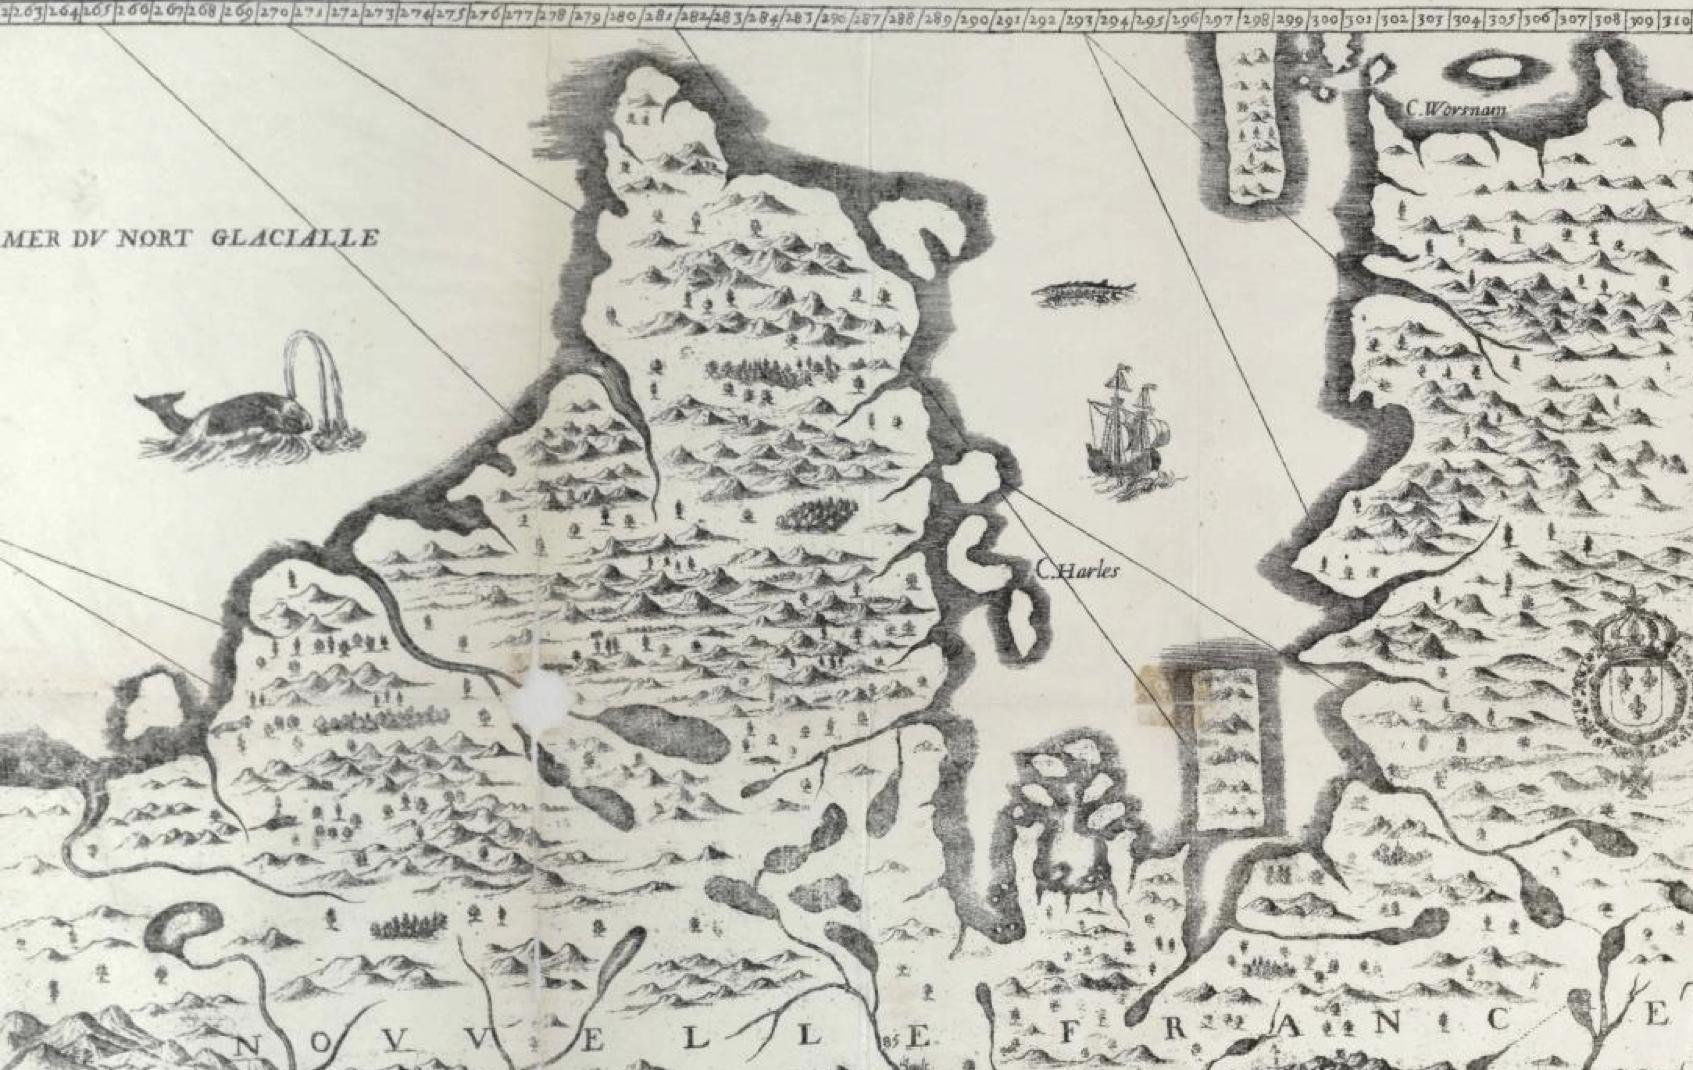 Mer du Nort Glacialle in Nouvelle France